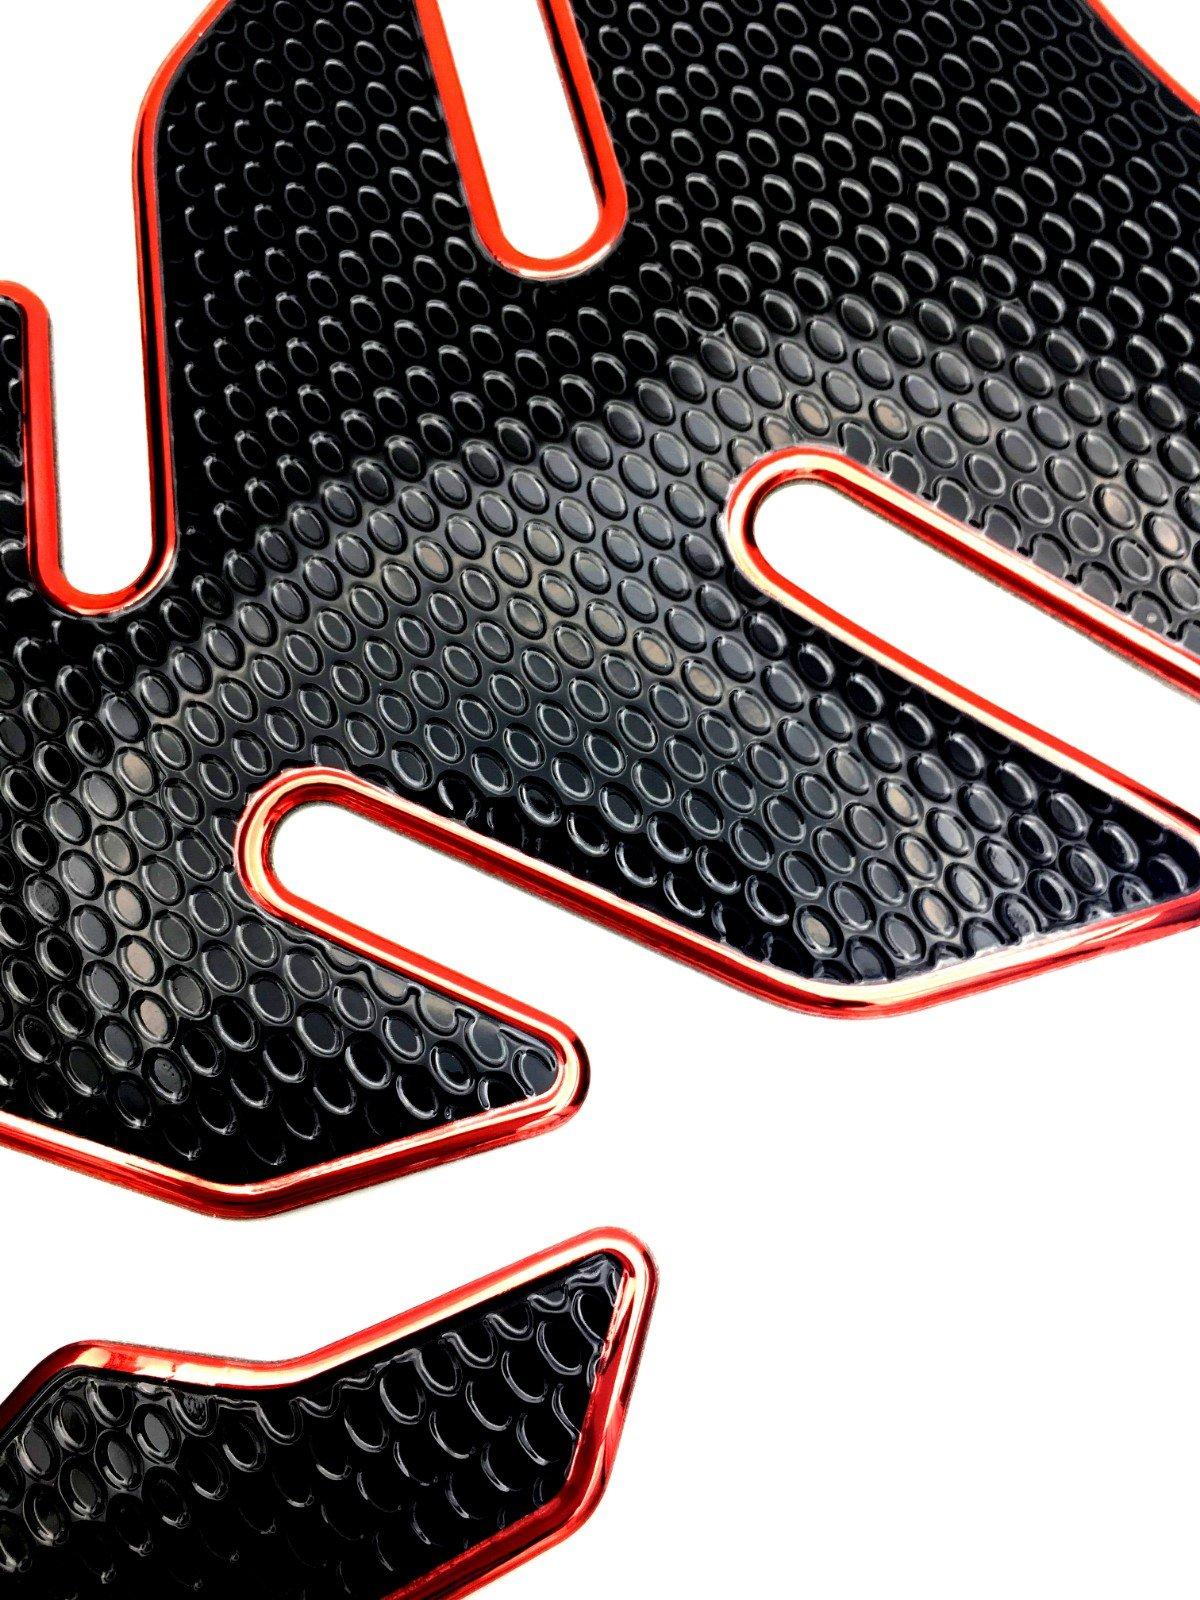 A01# Niree Motorcycle Tank Gas Protector Pad Sticker Decal for Kawasaki ZX6R//636 2007-2016 ZX10R 2006-2015 Z1000SX//NINJA 1000//Tourer 2011-2016 Z1000 2007-2016 Z750R 2011-2012